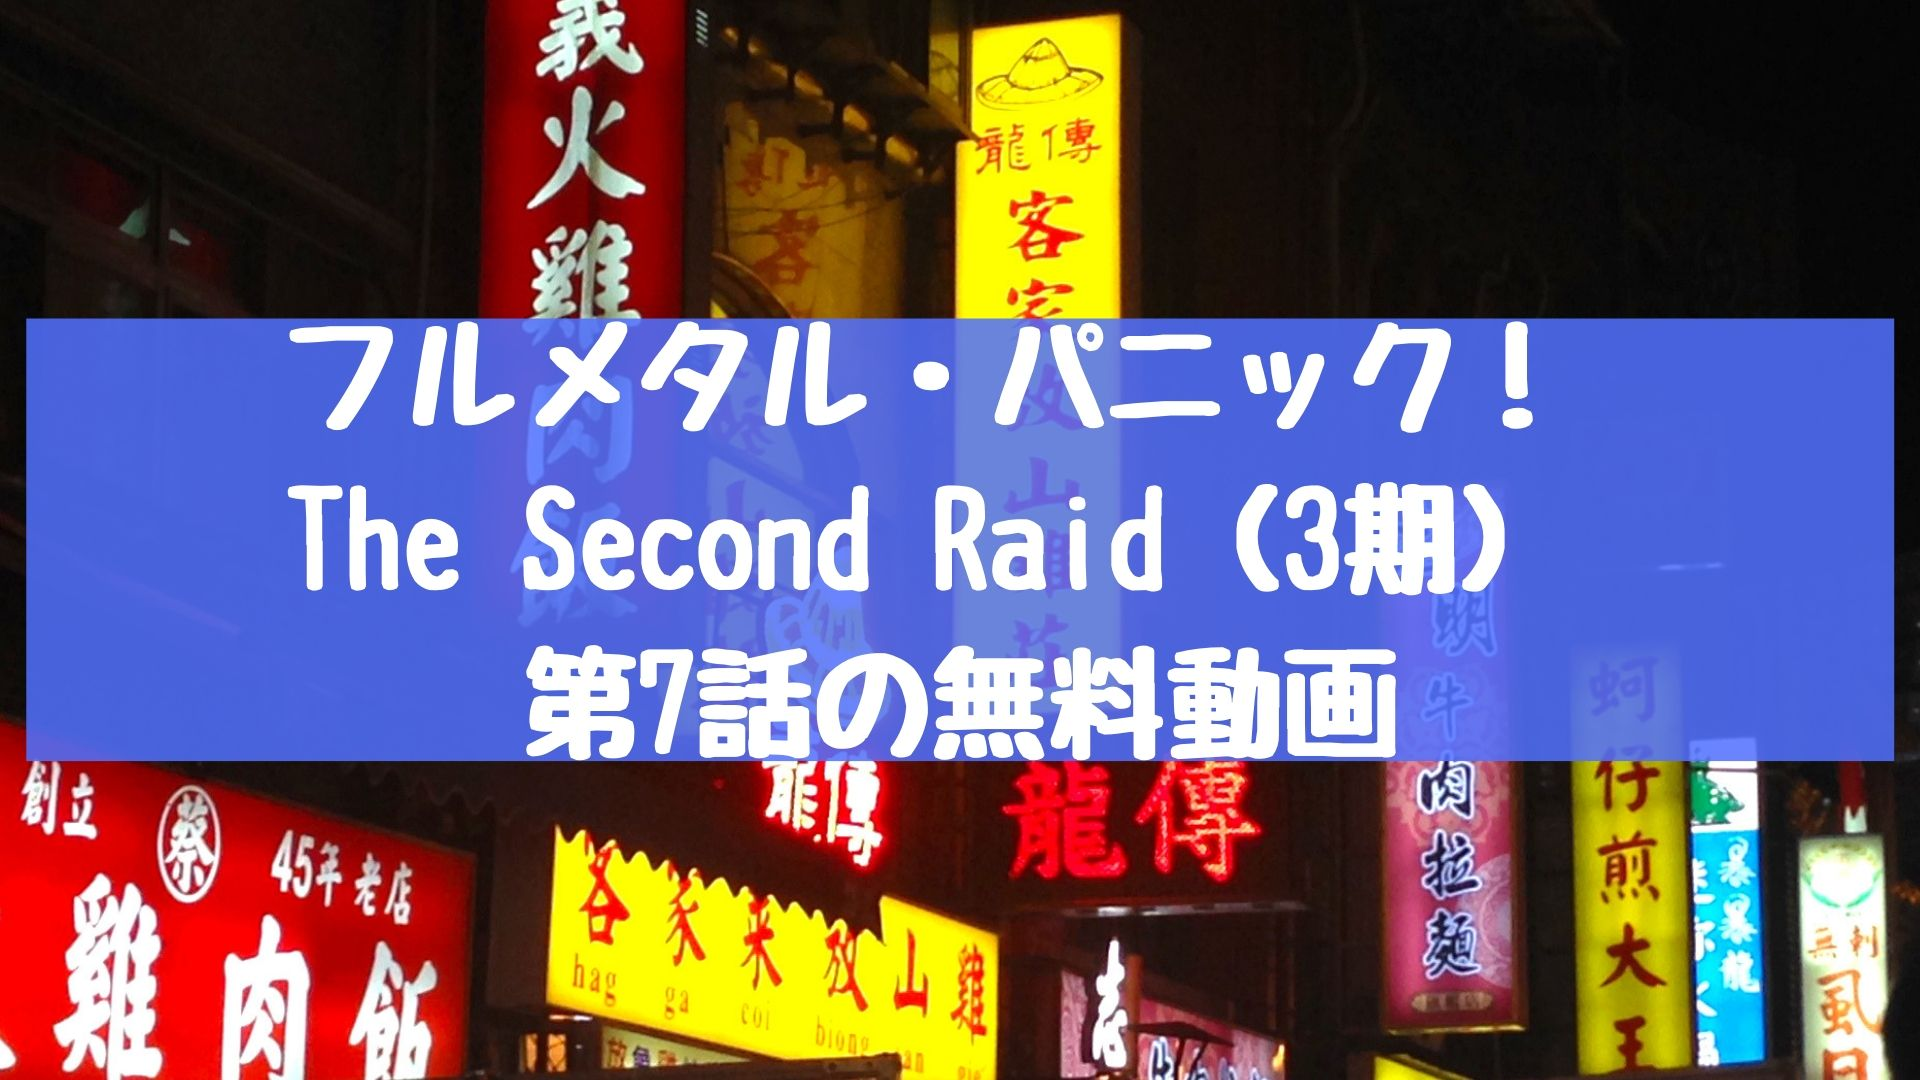 フルメタル・パニック! The Second Raid(3期) 第7話の無料動画